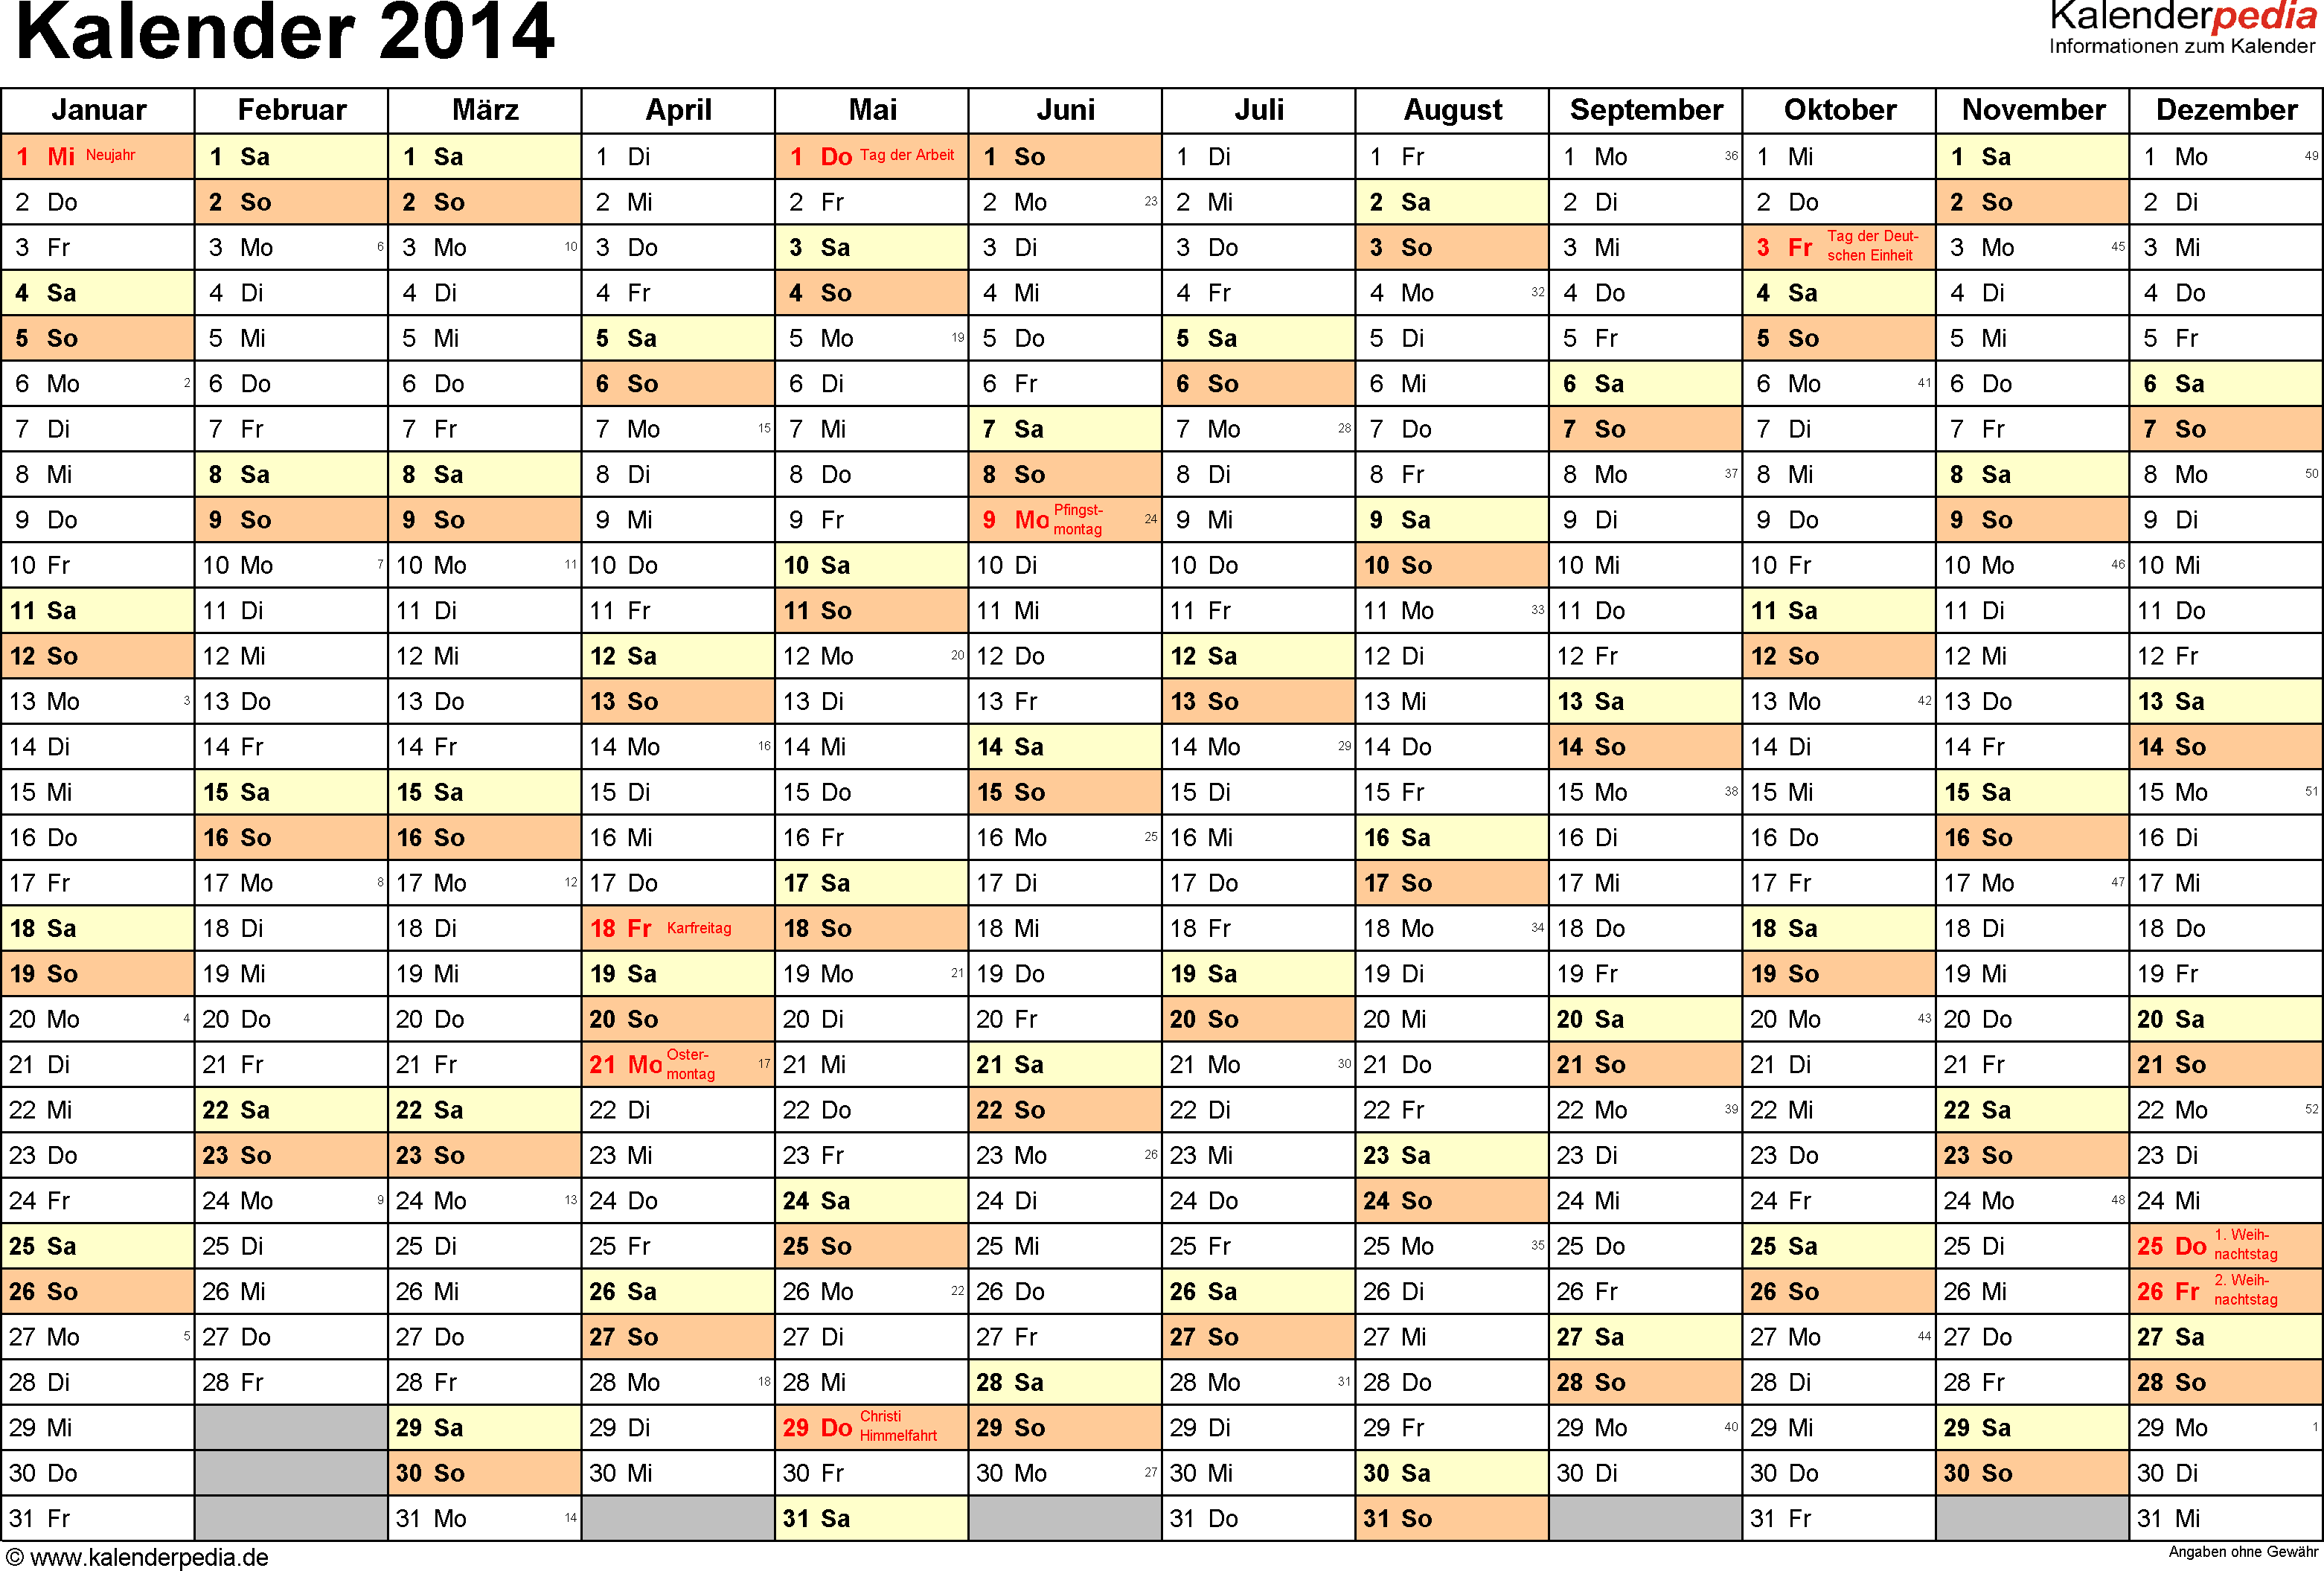 Vorlage 2: Kalender 2014 für <span style=white-space:nowrap;>Word, Querformat, 1 Seite, Monate nebeneinander